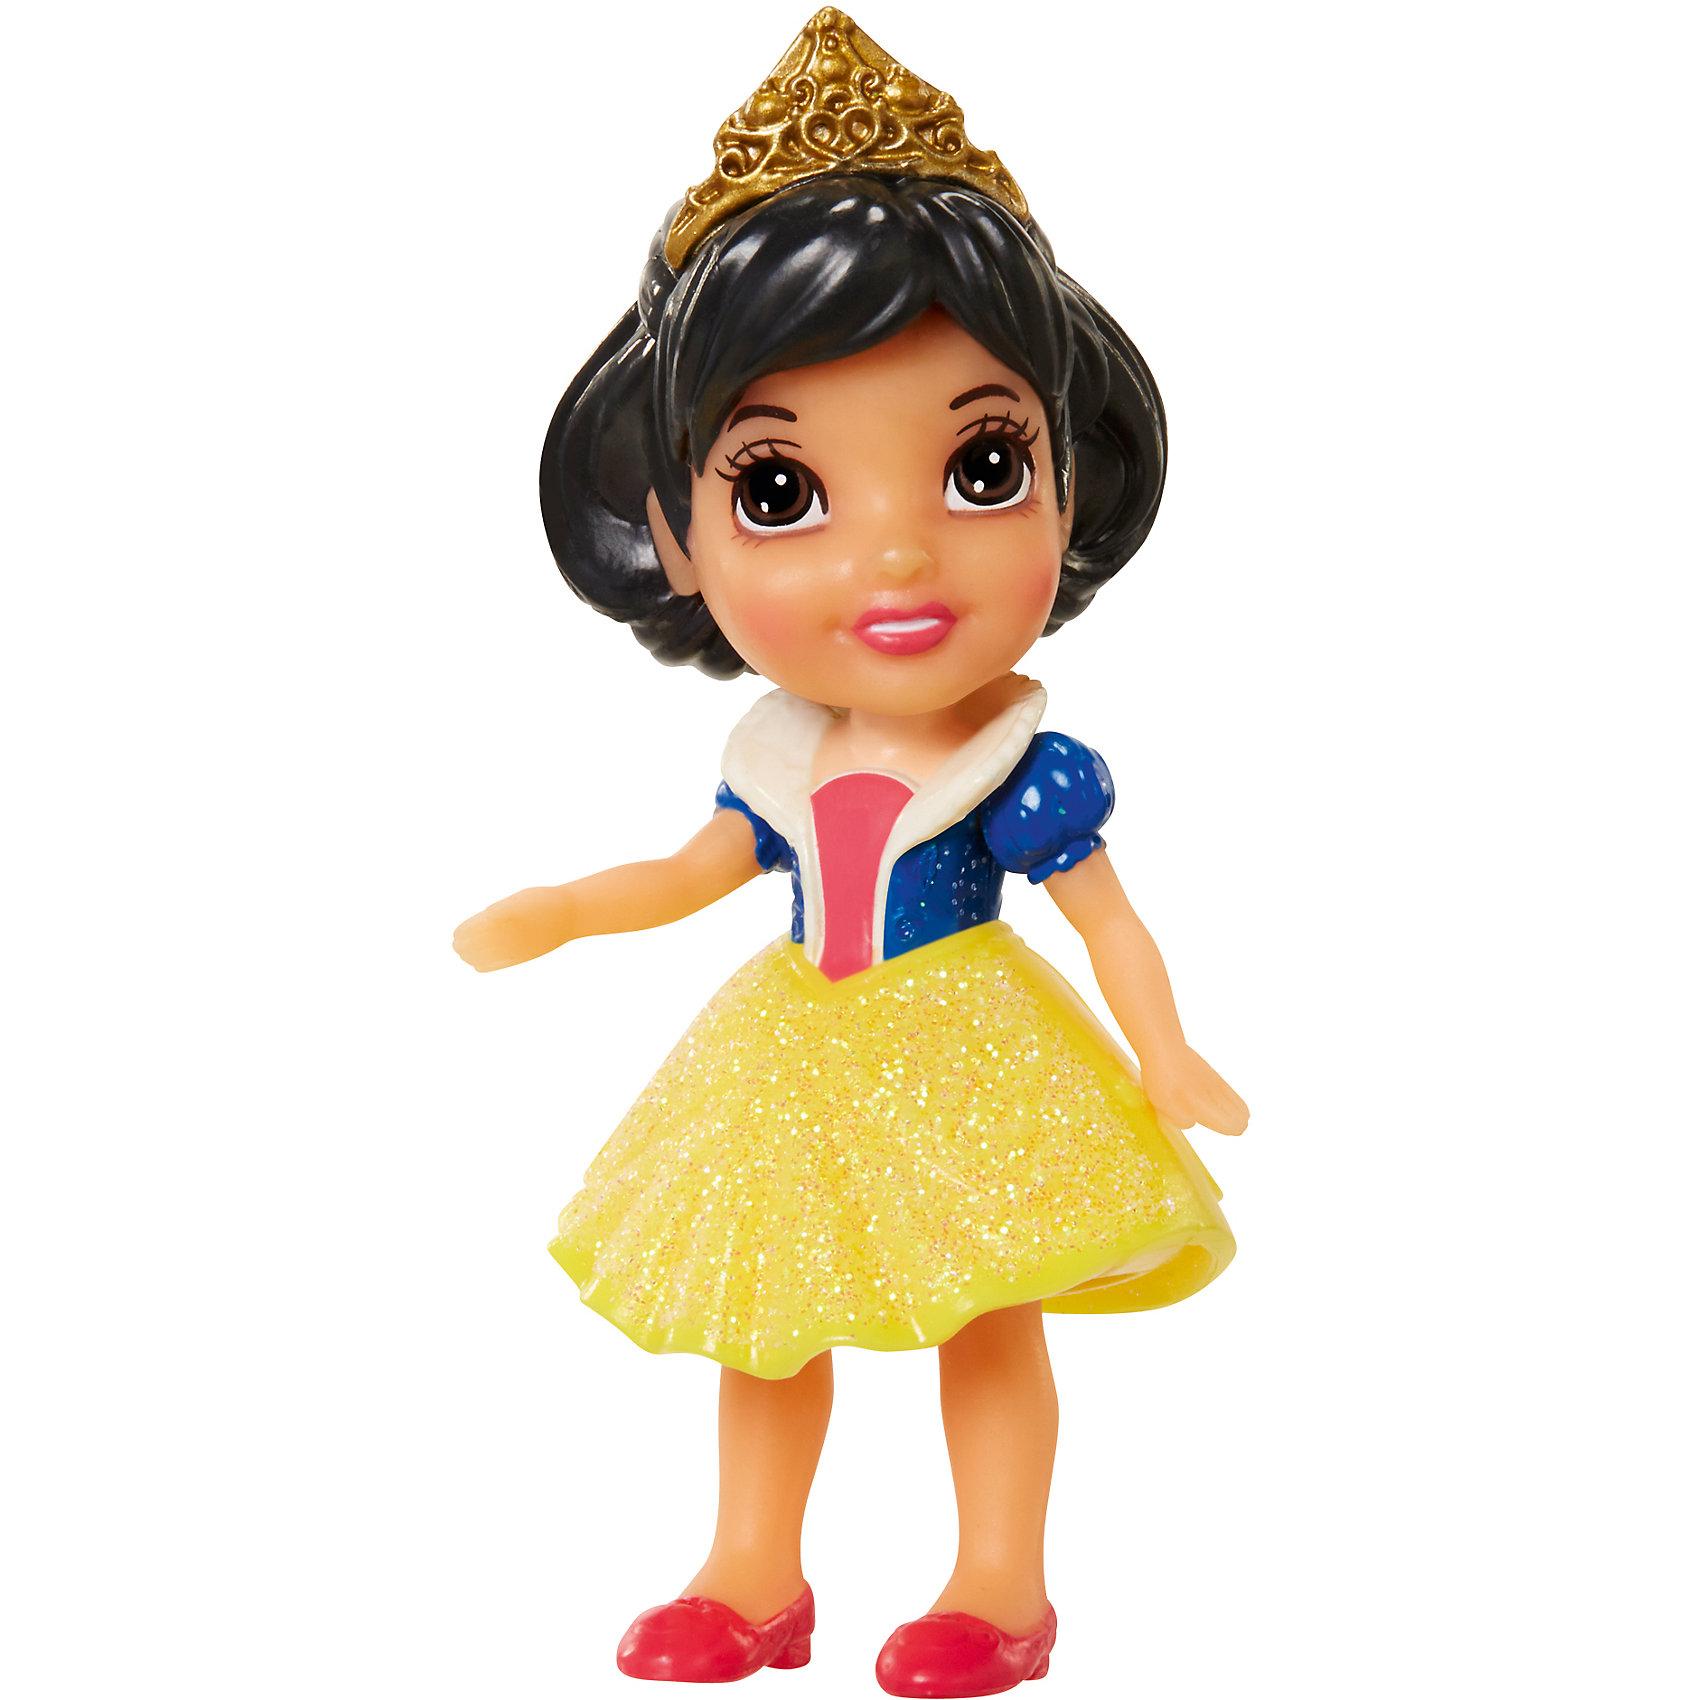 - Кукла Белоснежка, 7,5 см, Принцессы Дисней disney кукла золушка 31 см принцессы дисней